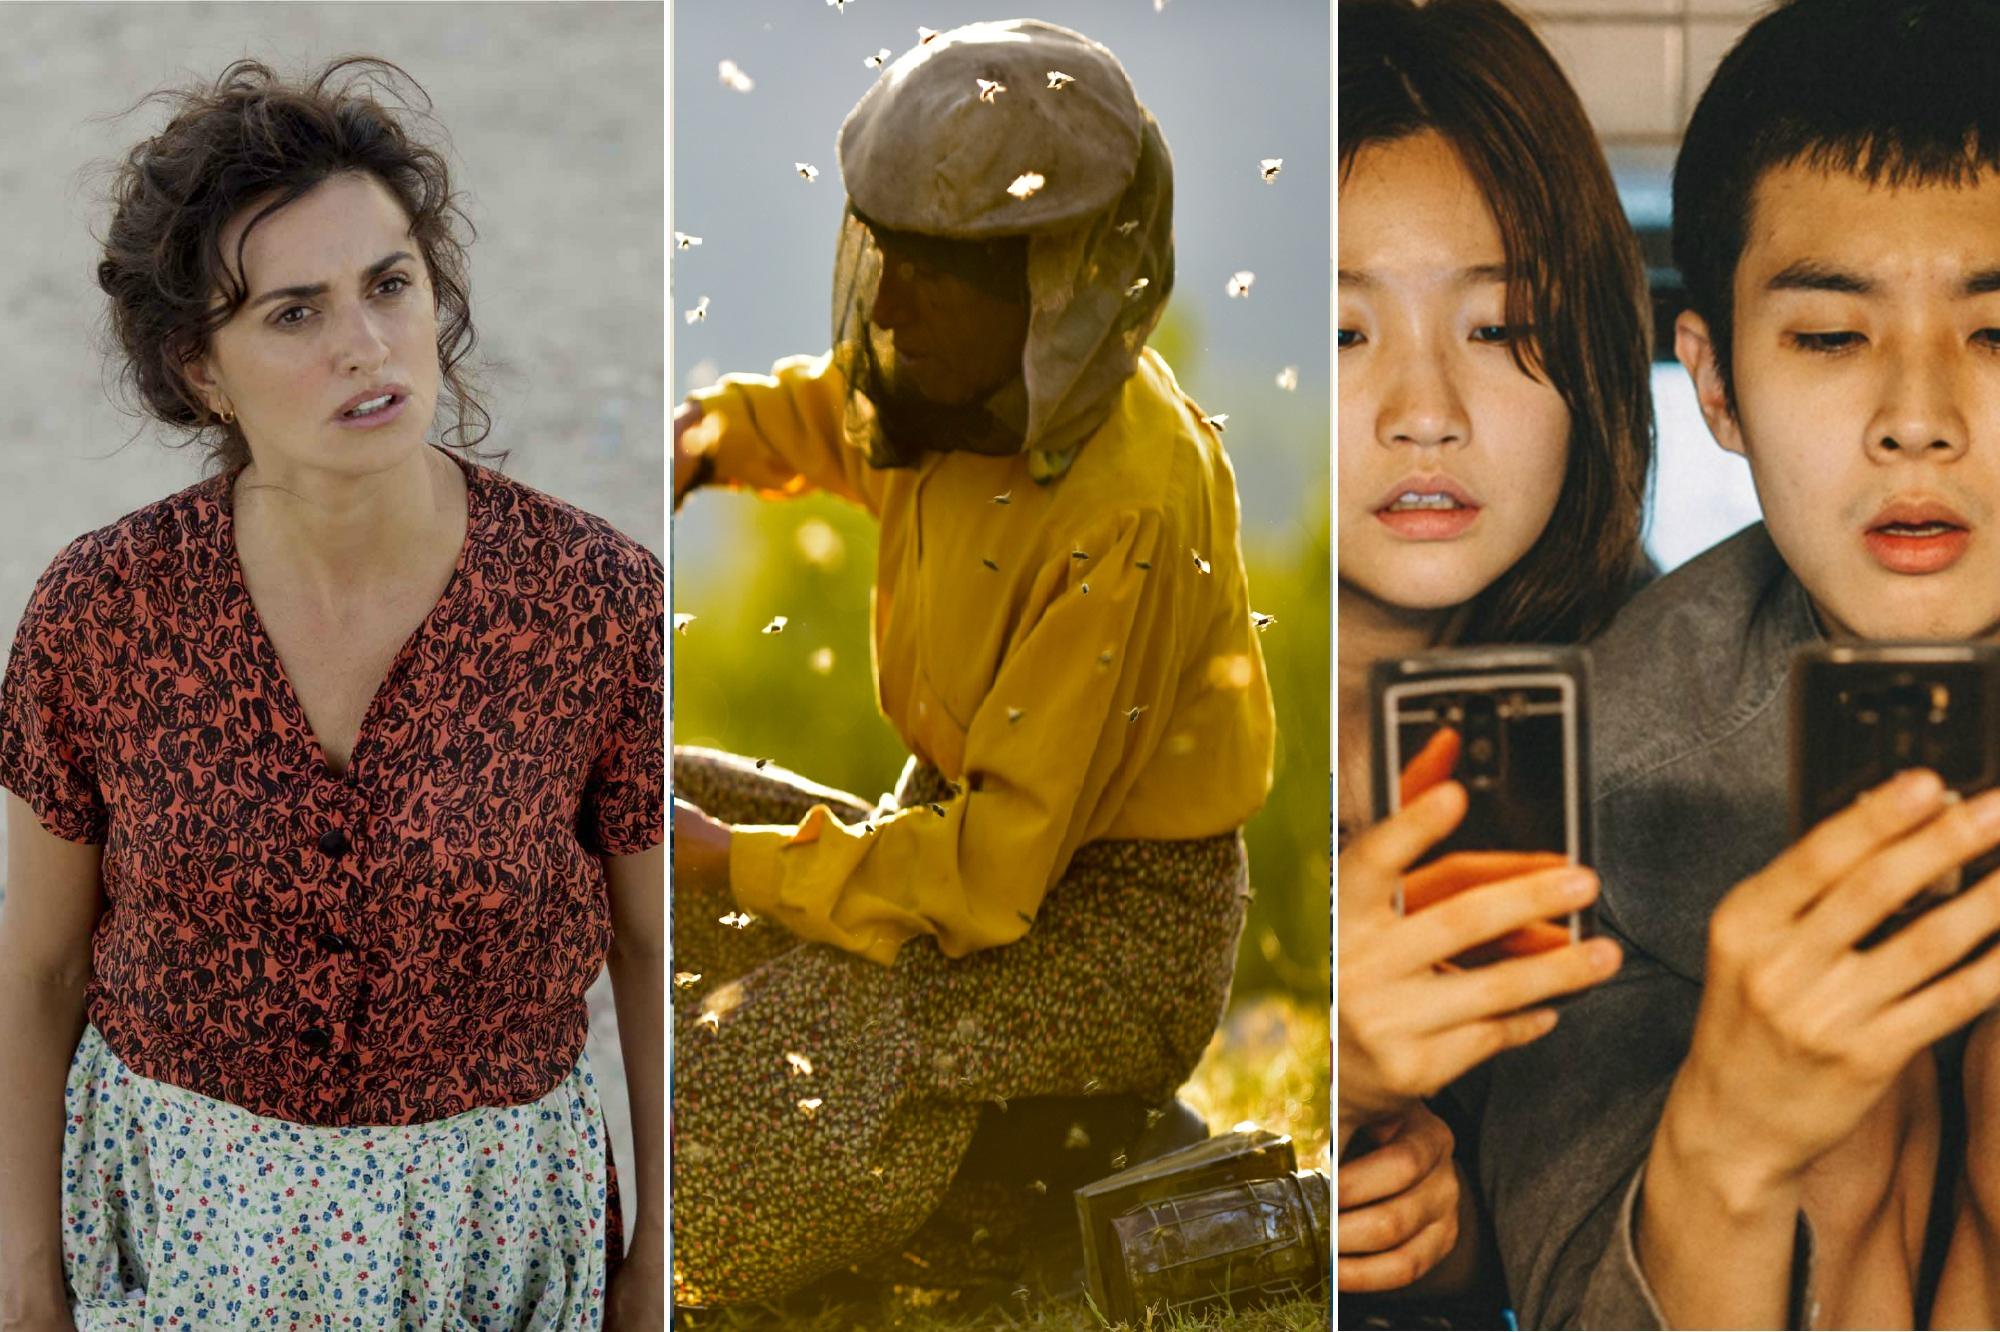 Óscar 2020 revela shortlist de Película Internacional: México queda fuera de la competencia